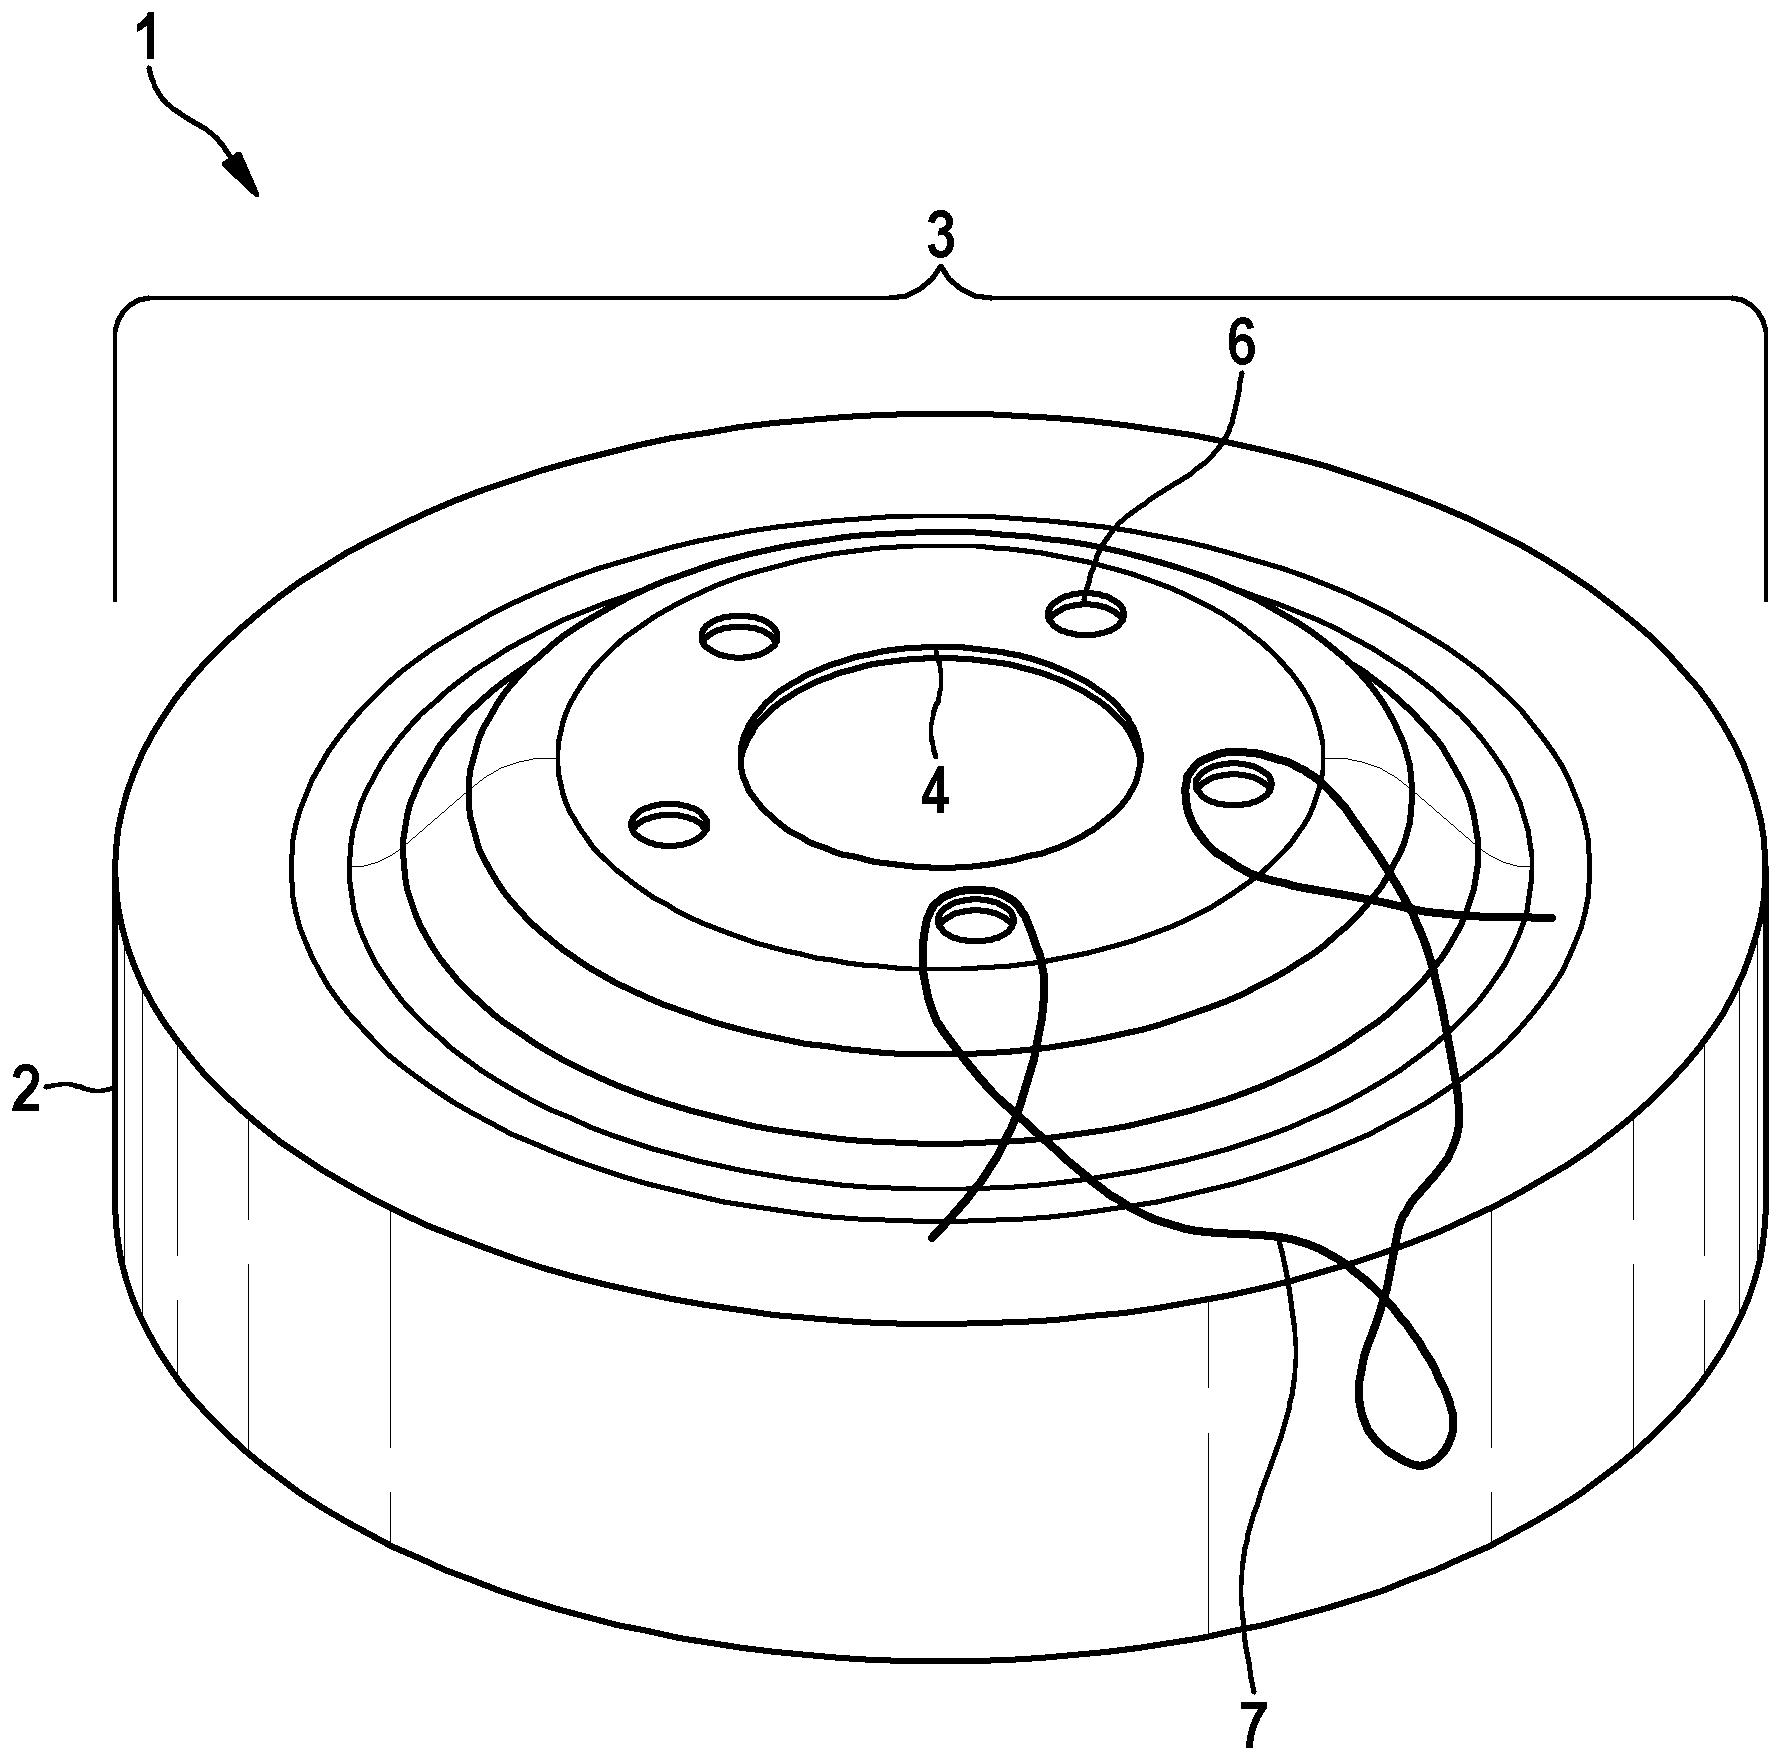 Figure DE102017219924A1_0000